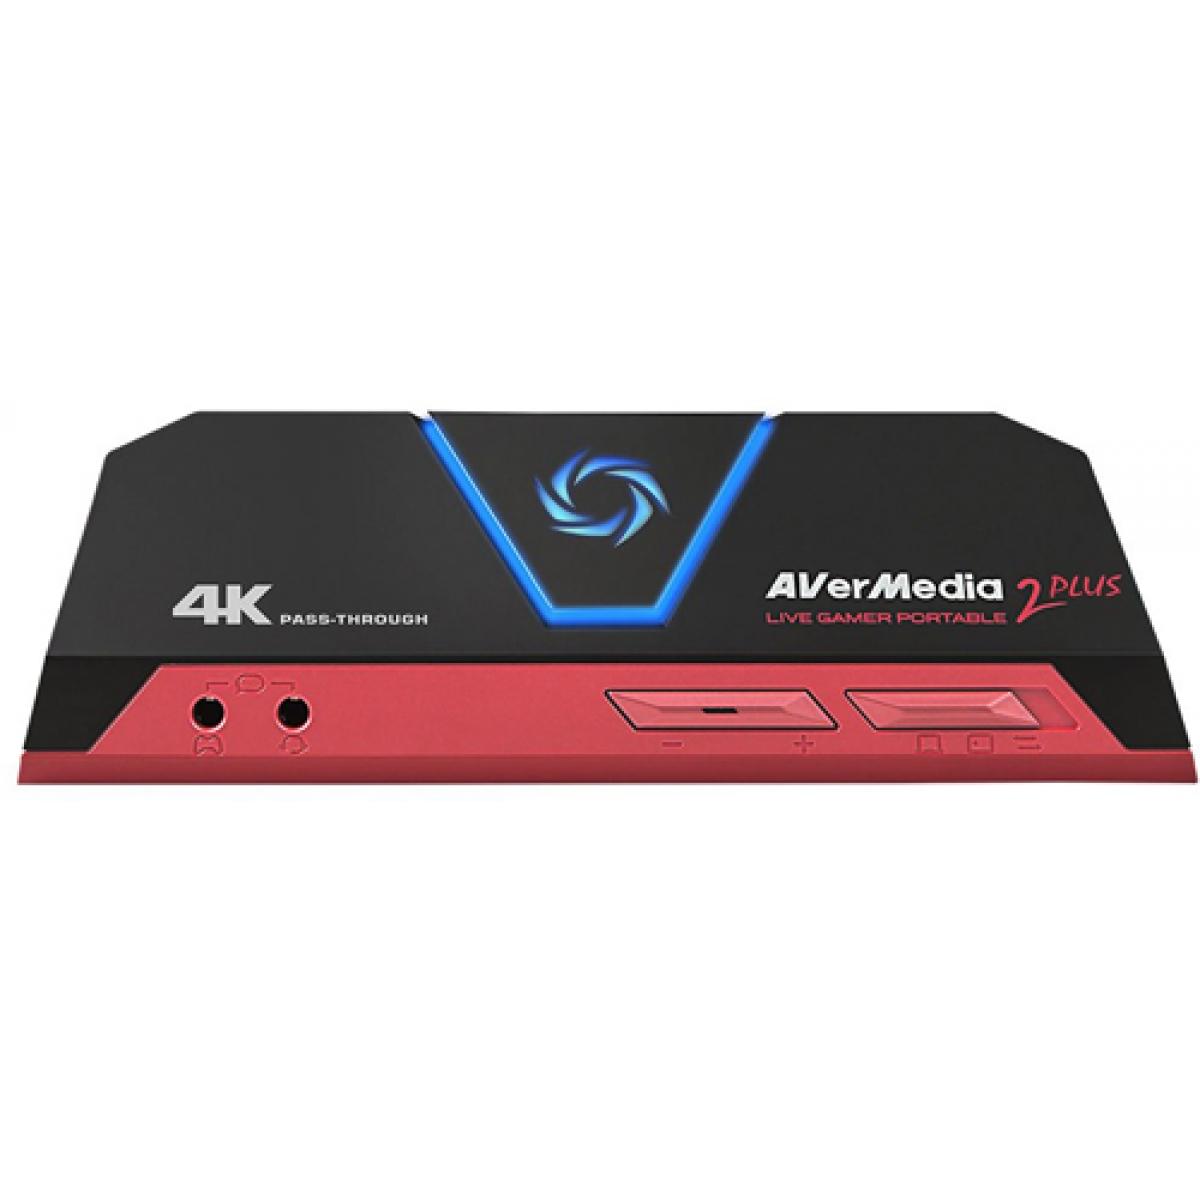 Placa de Captura Avermedia Live Gamer Portable 2 GC513 USB 2.0